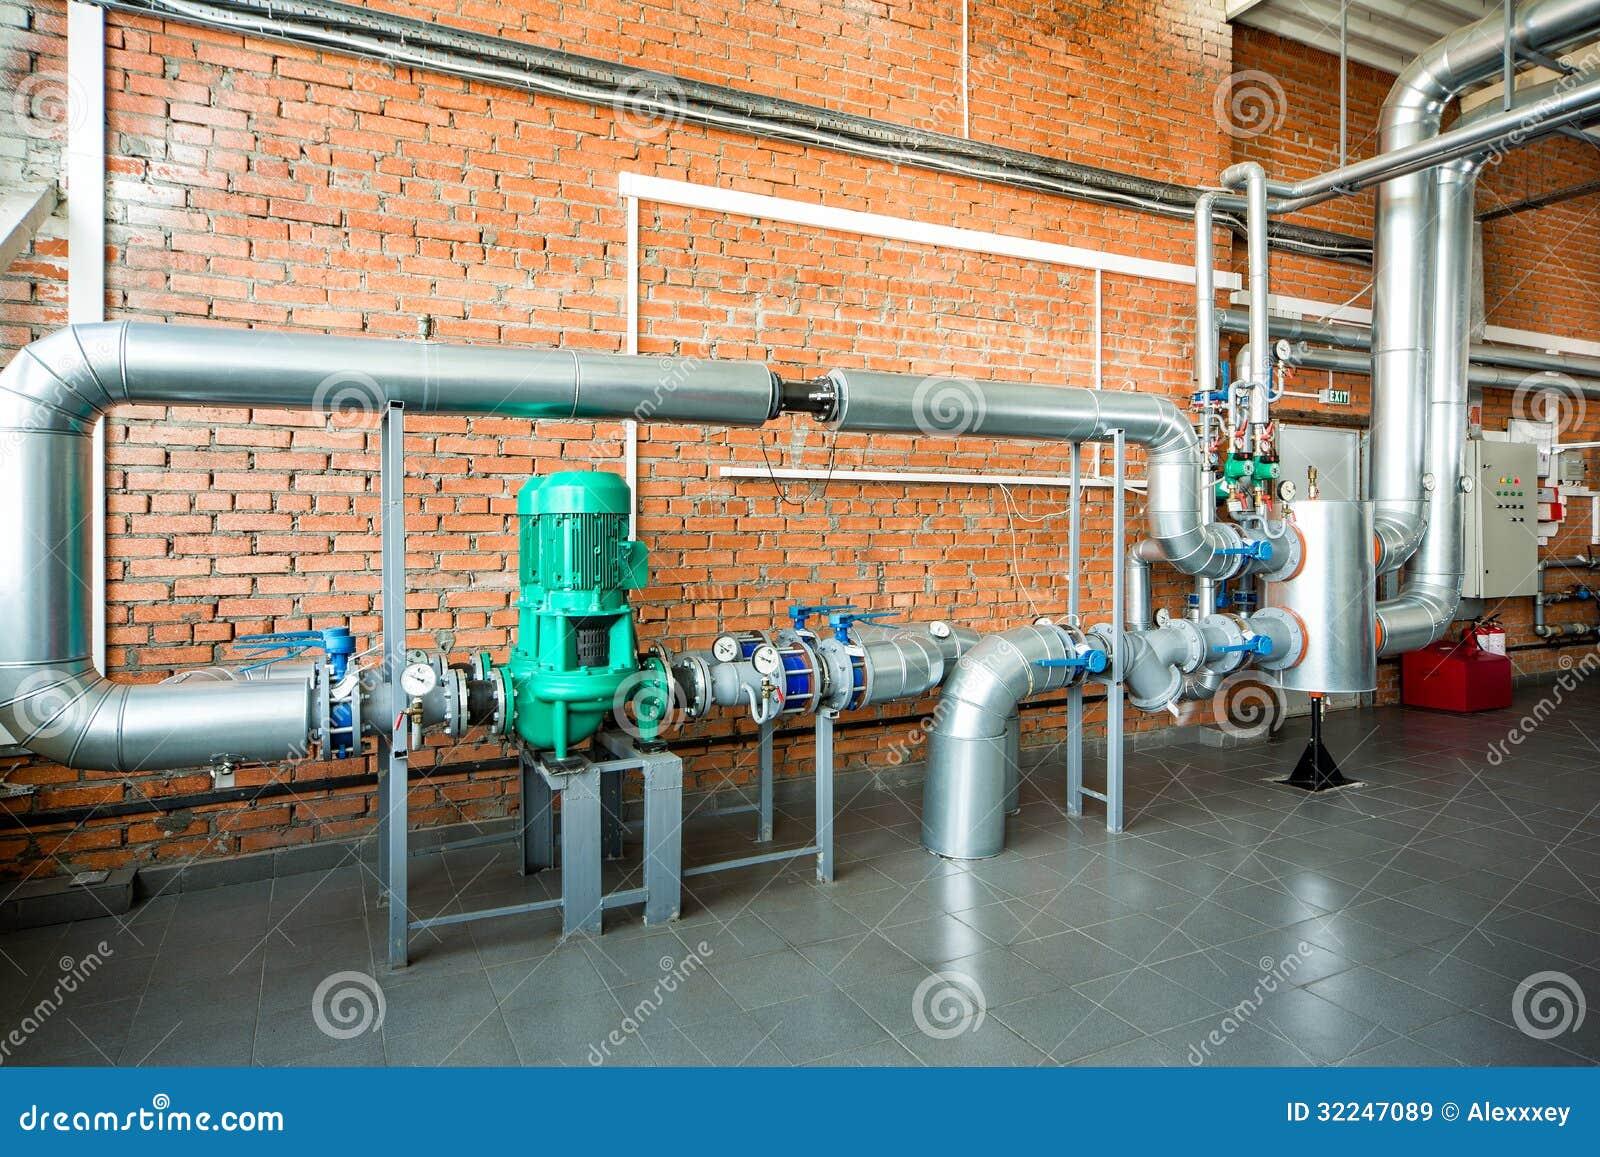 Interno di una caldaia industriale con i tubi e le pompe immagine stock immagine 32247089 - Caldaia a gas da interno ...